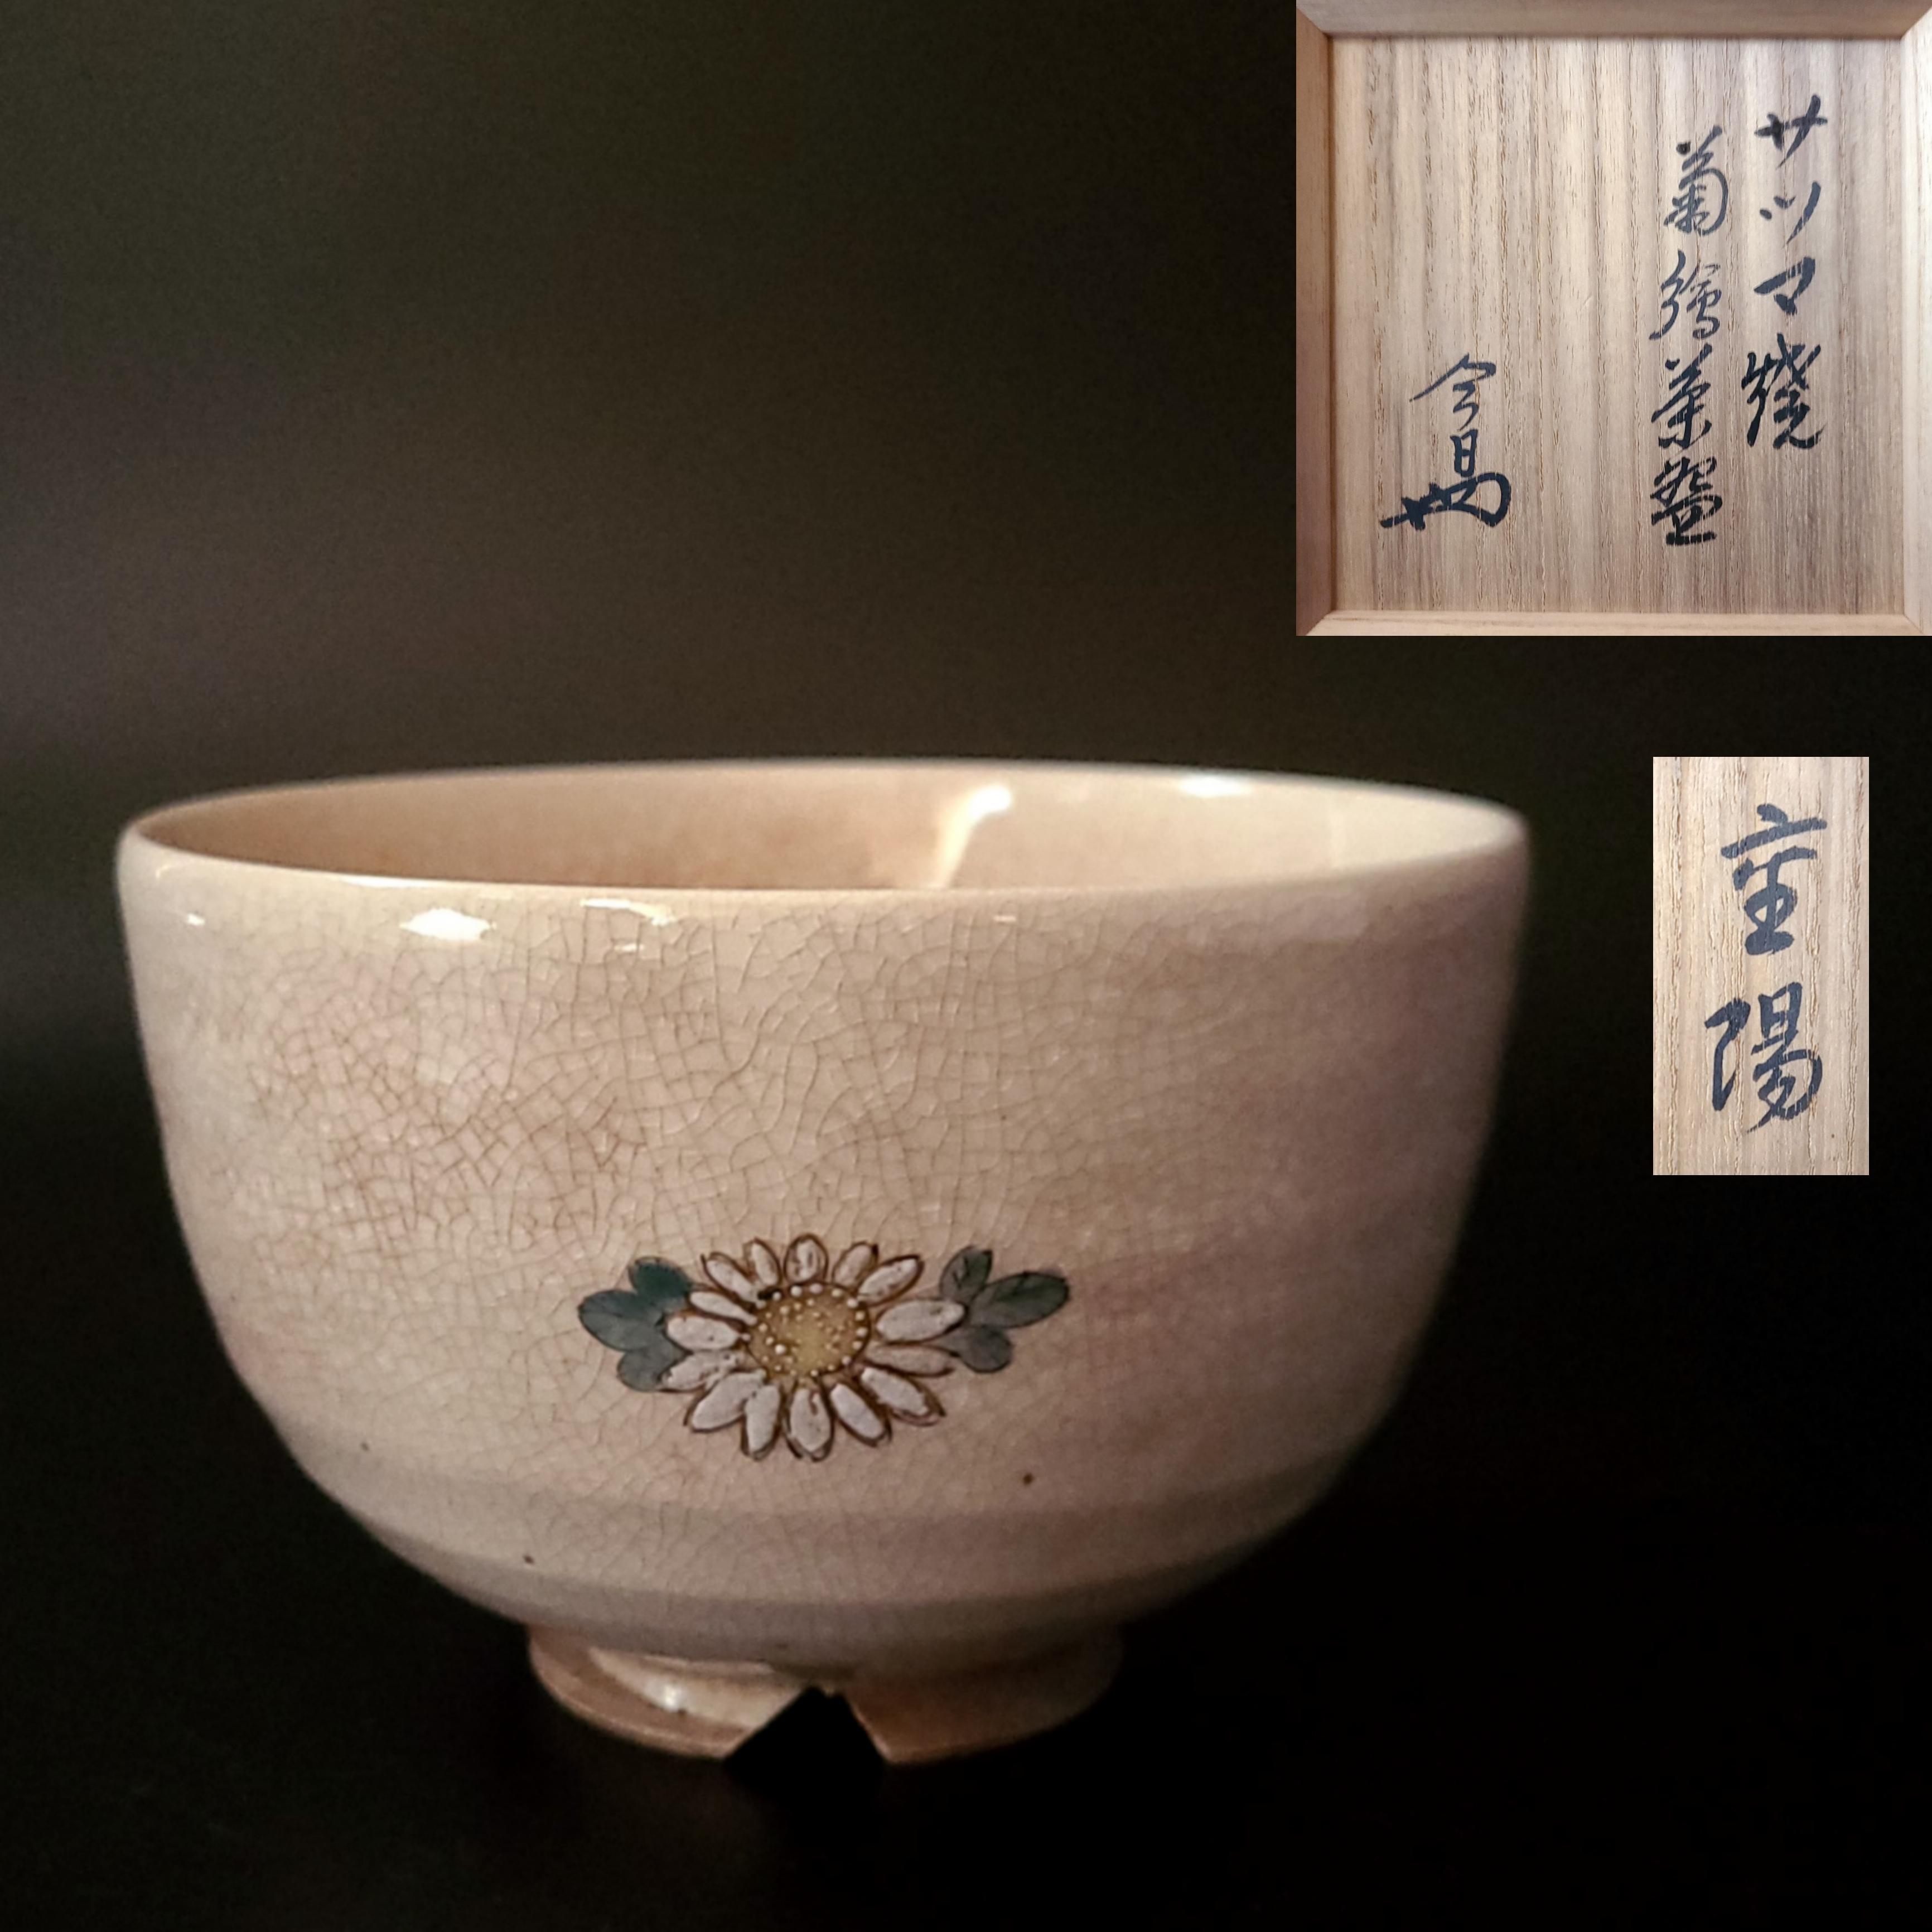 茶道具 時代 薩摩焼 菊絵 茶碗 淡々斎宗匠書付 裏千家  色絵 陶芸